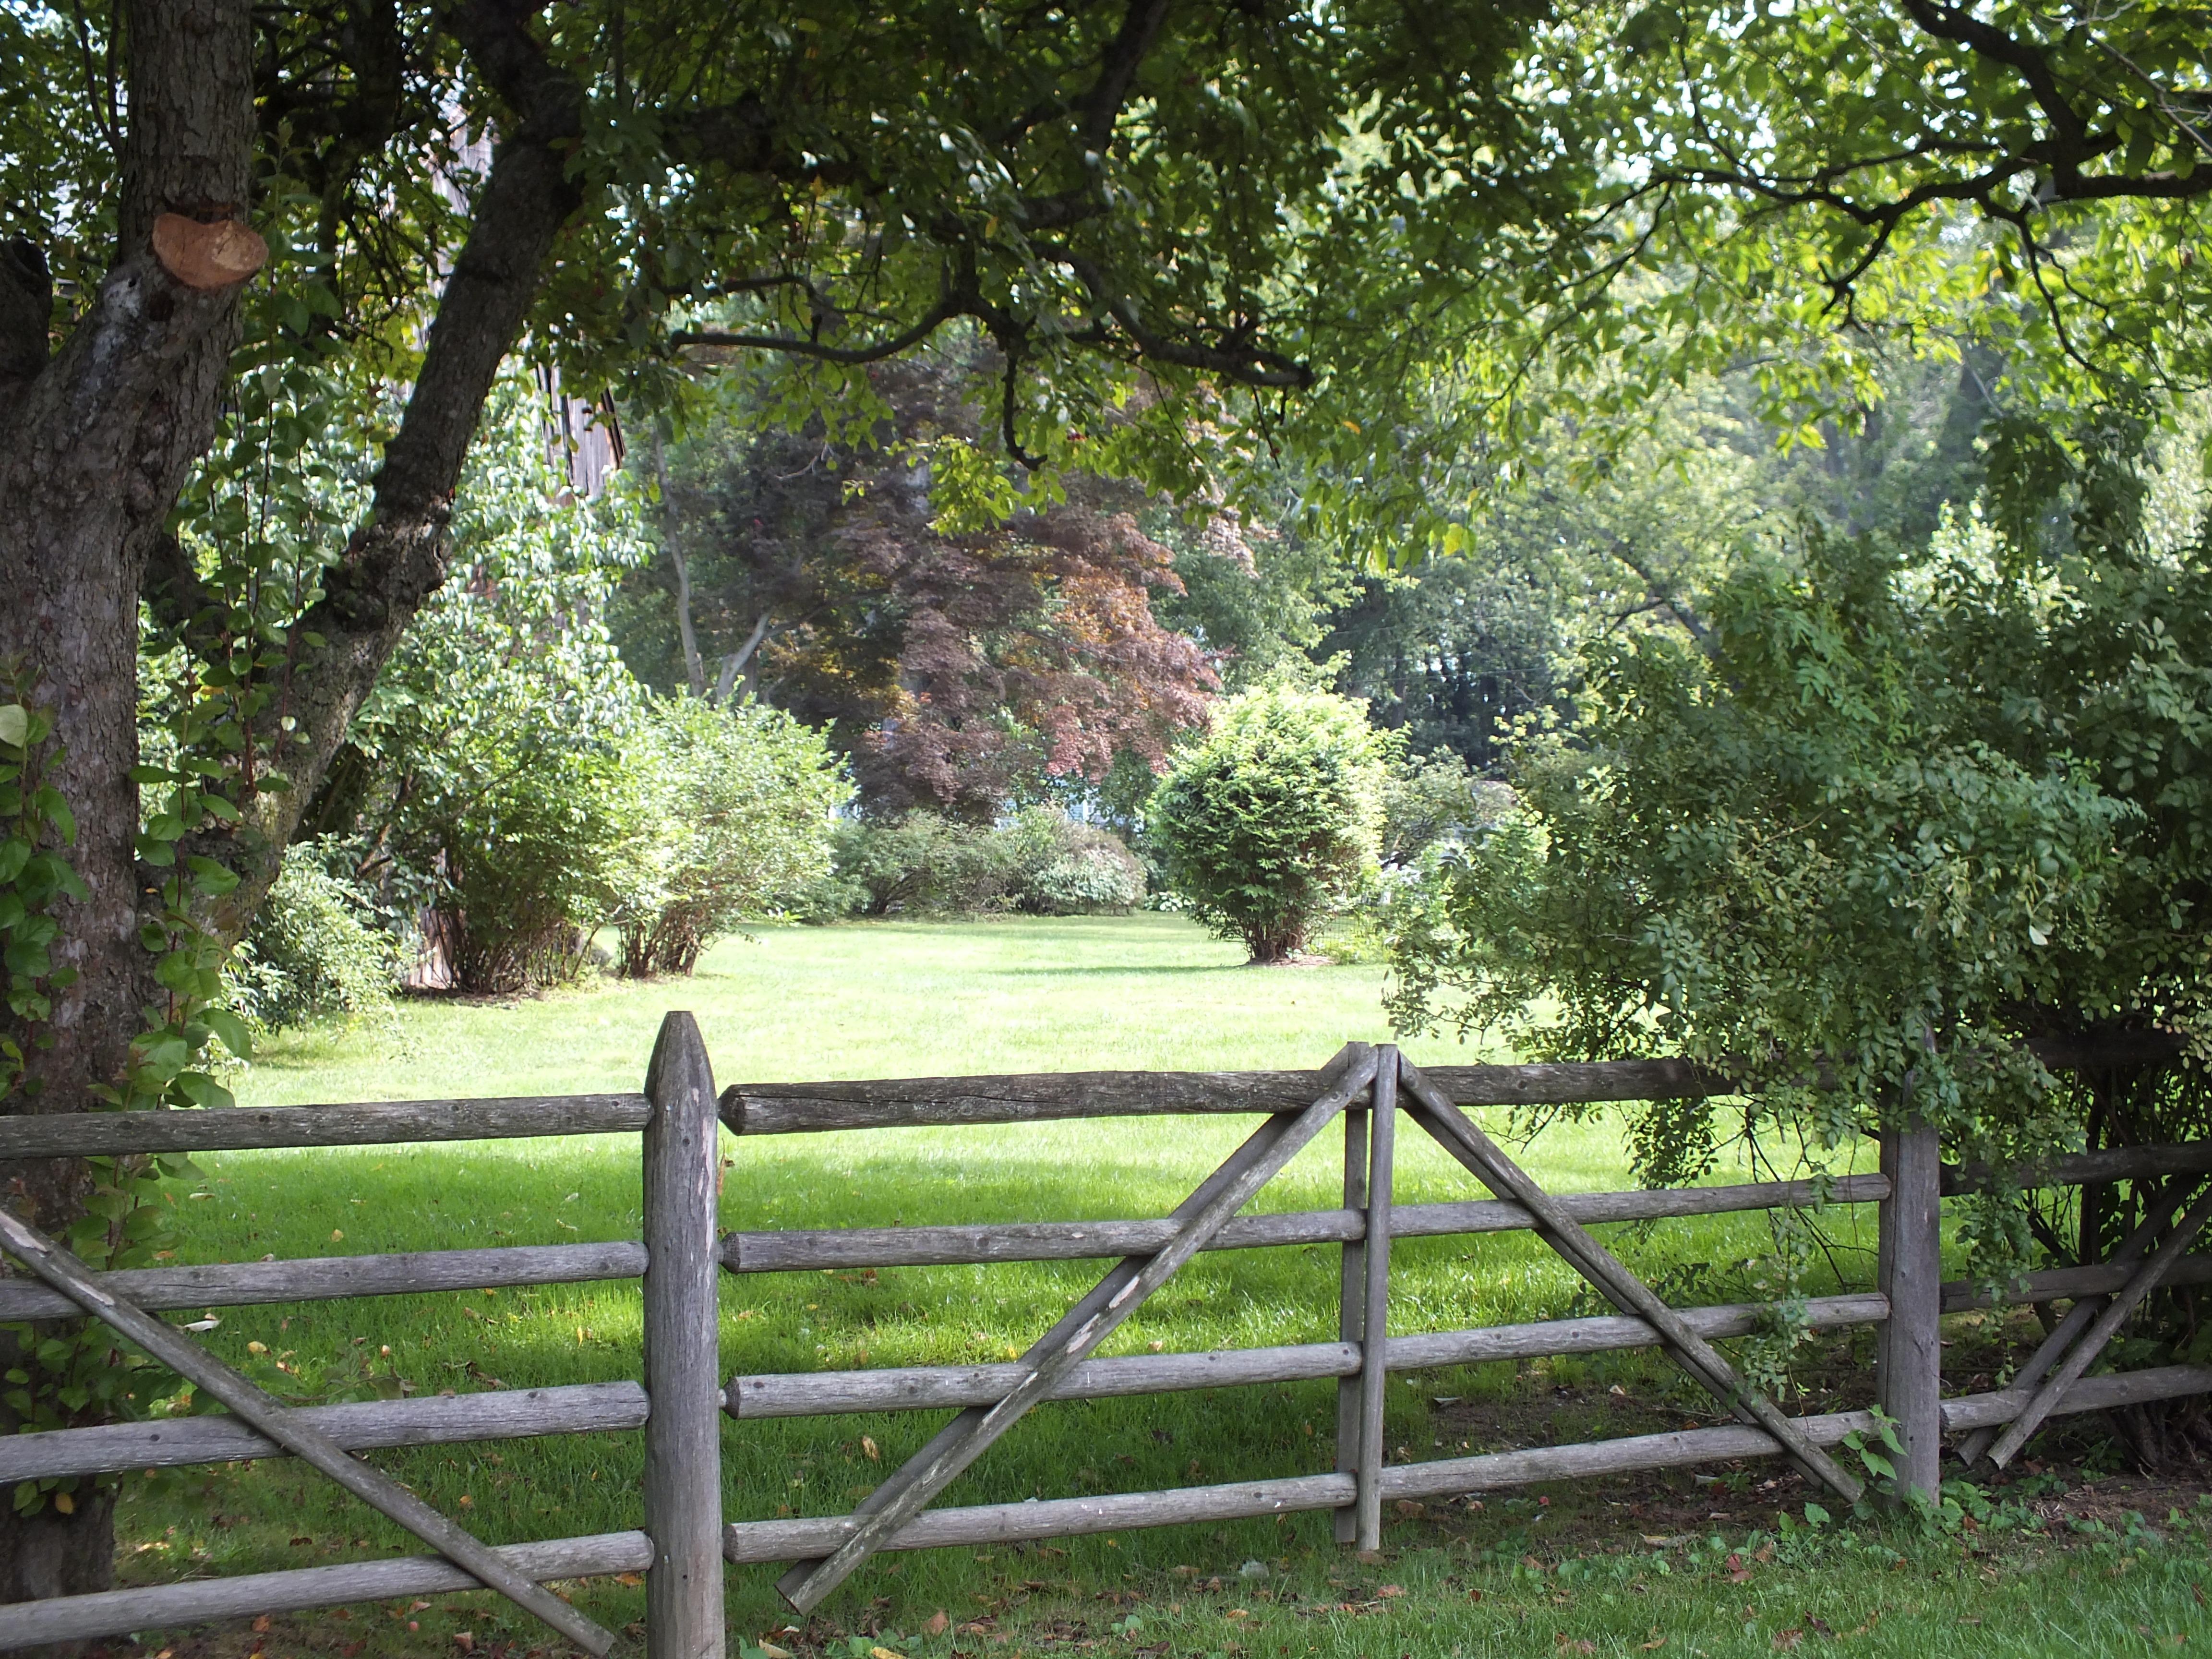 Images gratuites paysage arbre herbe champ ferme pelouse prairie feuille fleur vieux - Cloture de jardin rustique ...